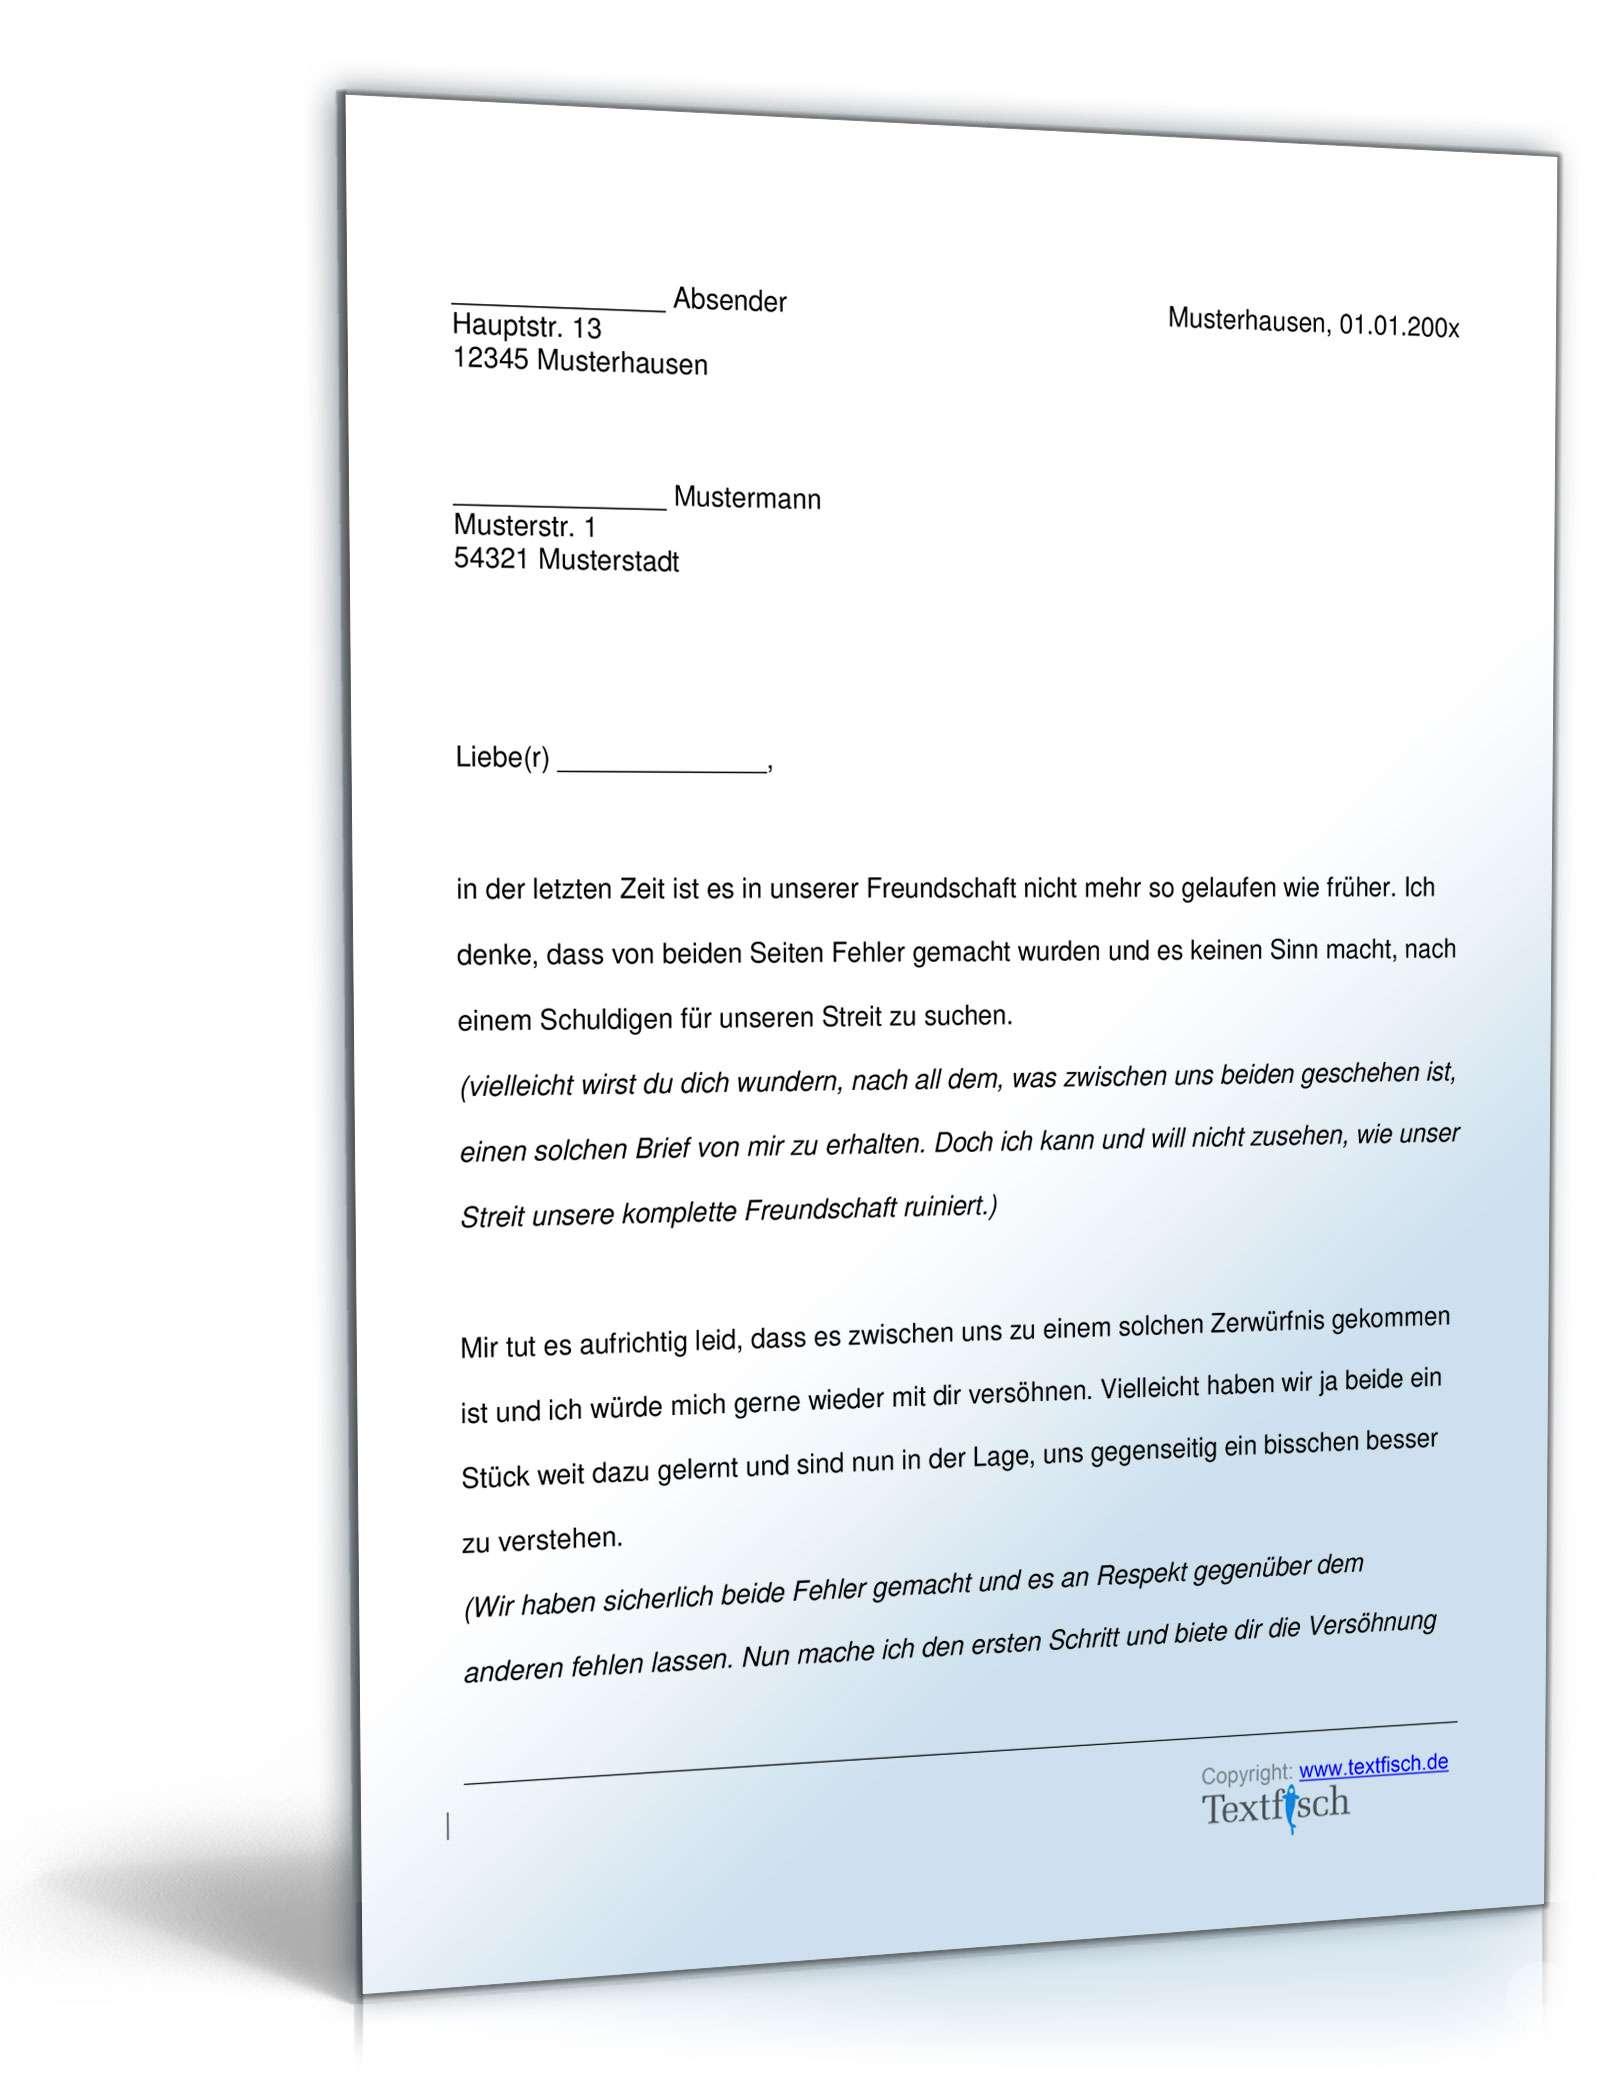 Musterbriefe Kondolenzschreiben : Download archiv musterbriefe dokumente vorlagen